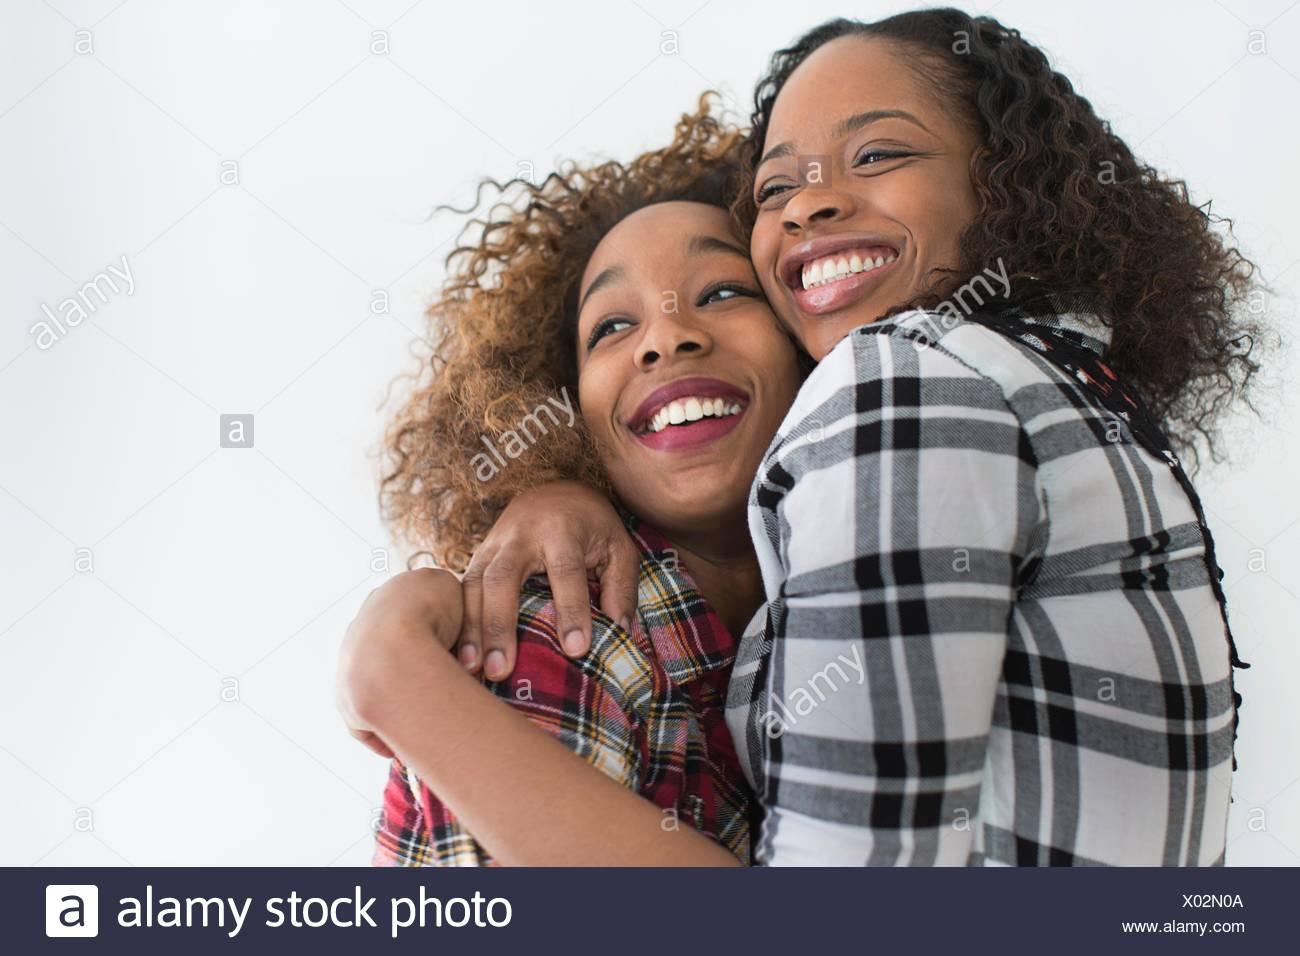 Portrait de deux jeunes femmes friends hugging Photo Stock